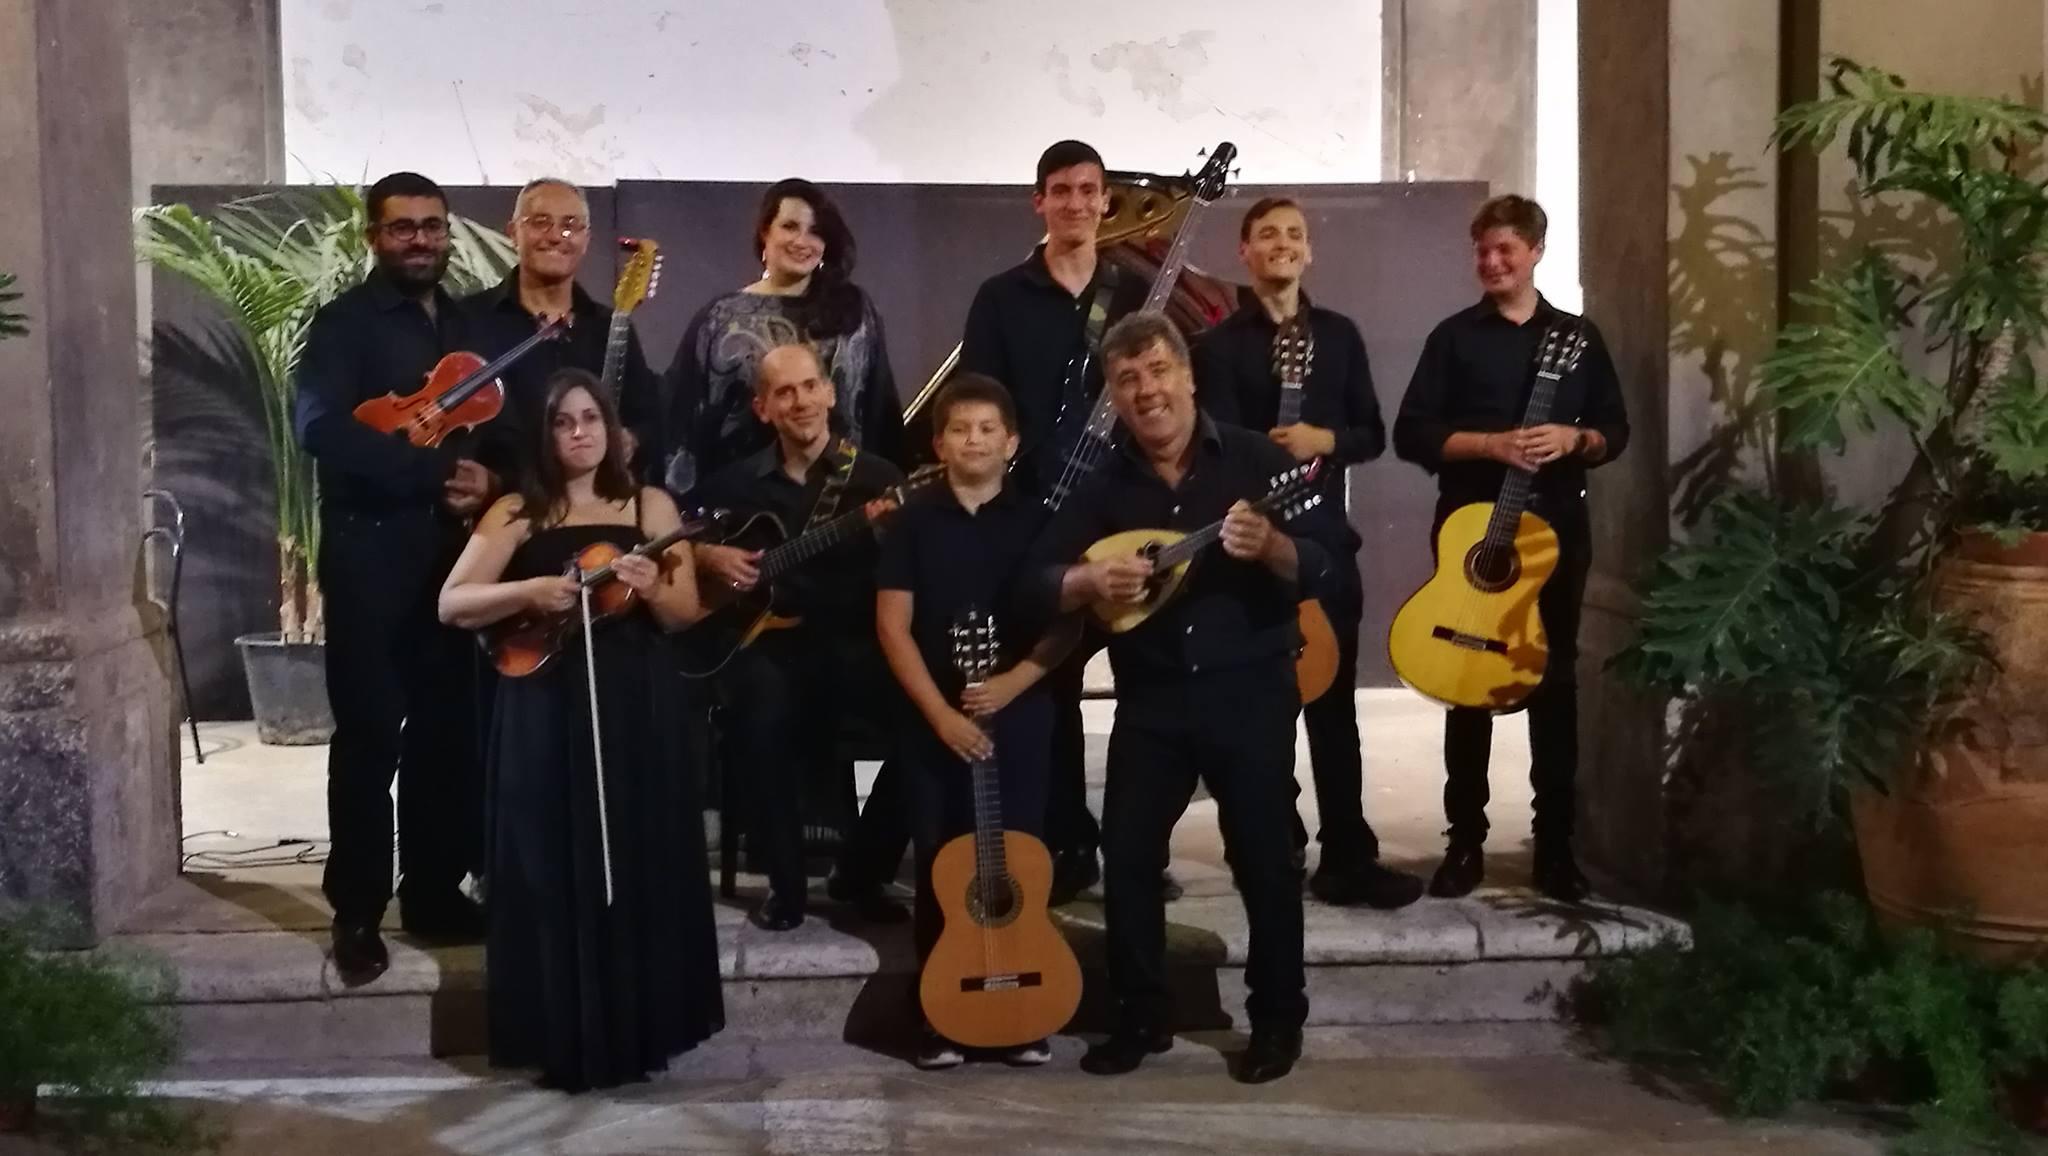 Eventi a Capri: George Bizet Ensamble in concerto alla Certosa di San Giacomo